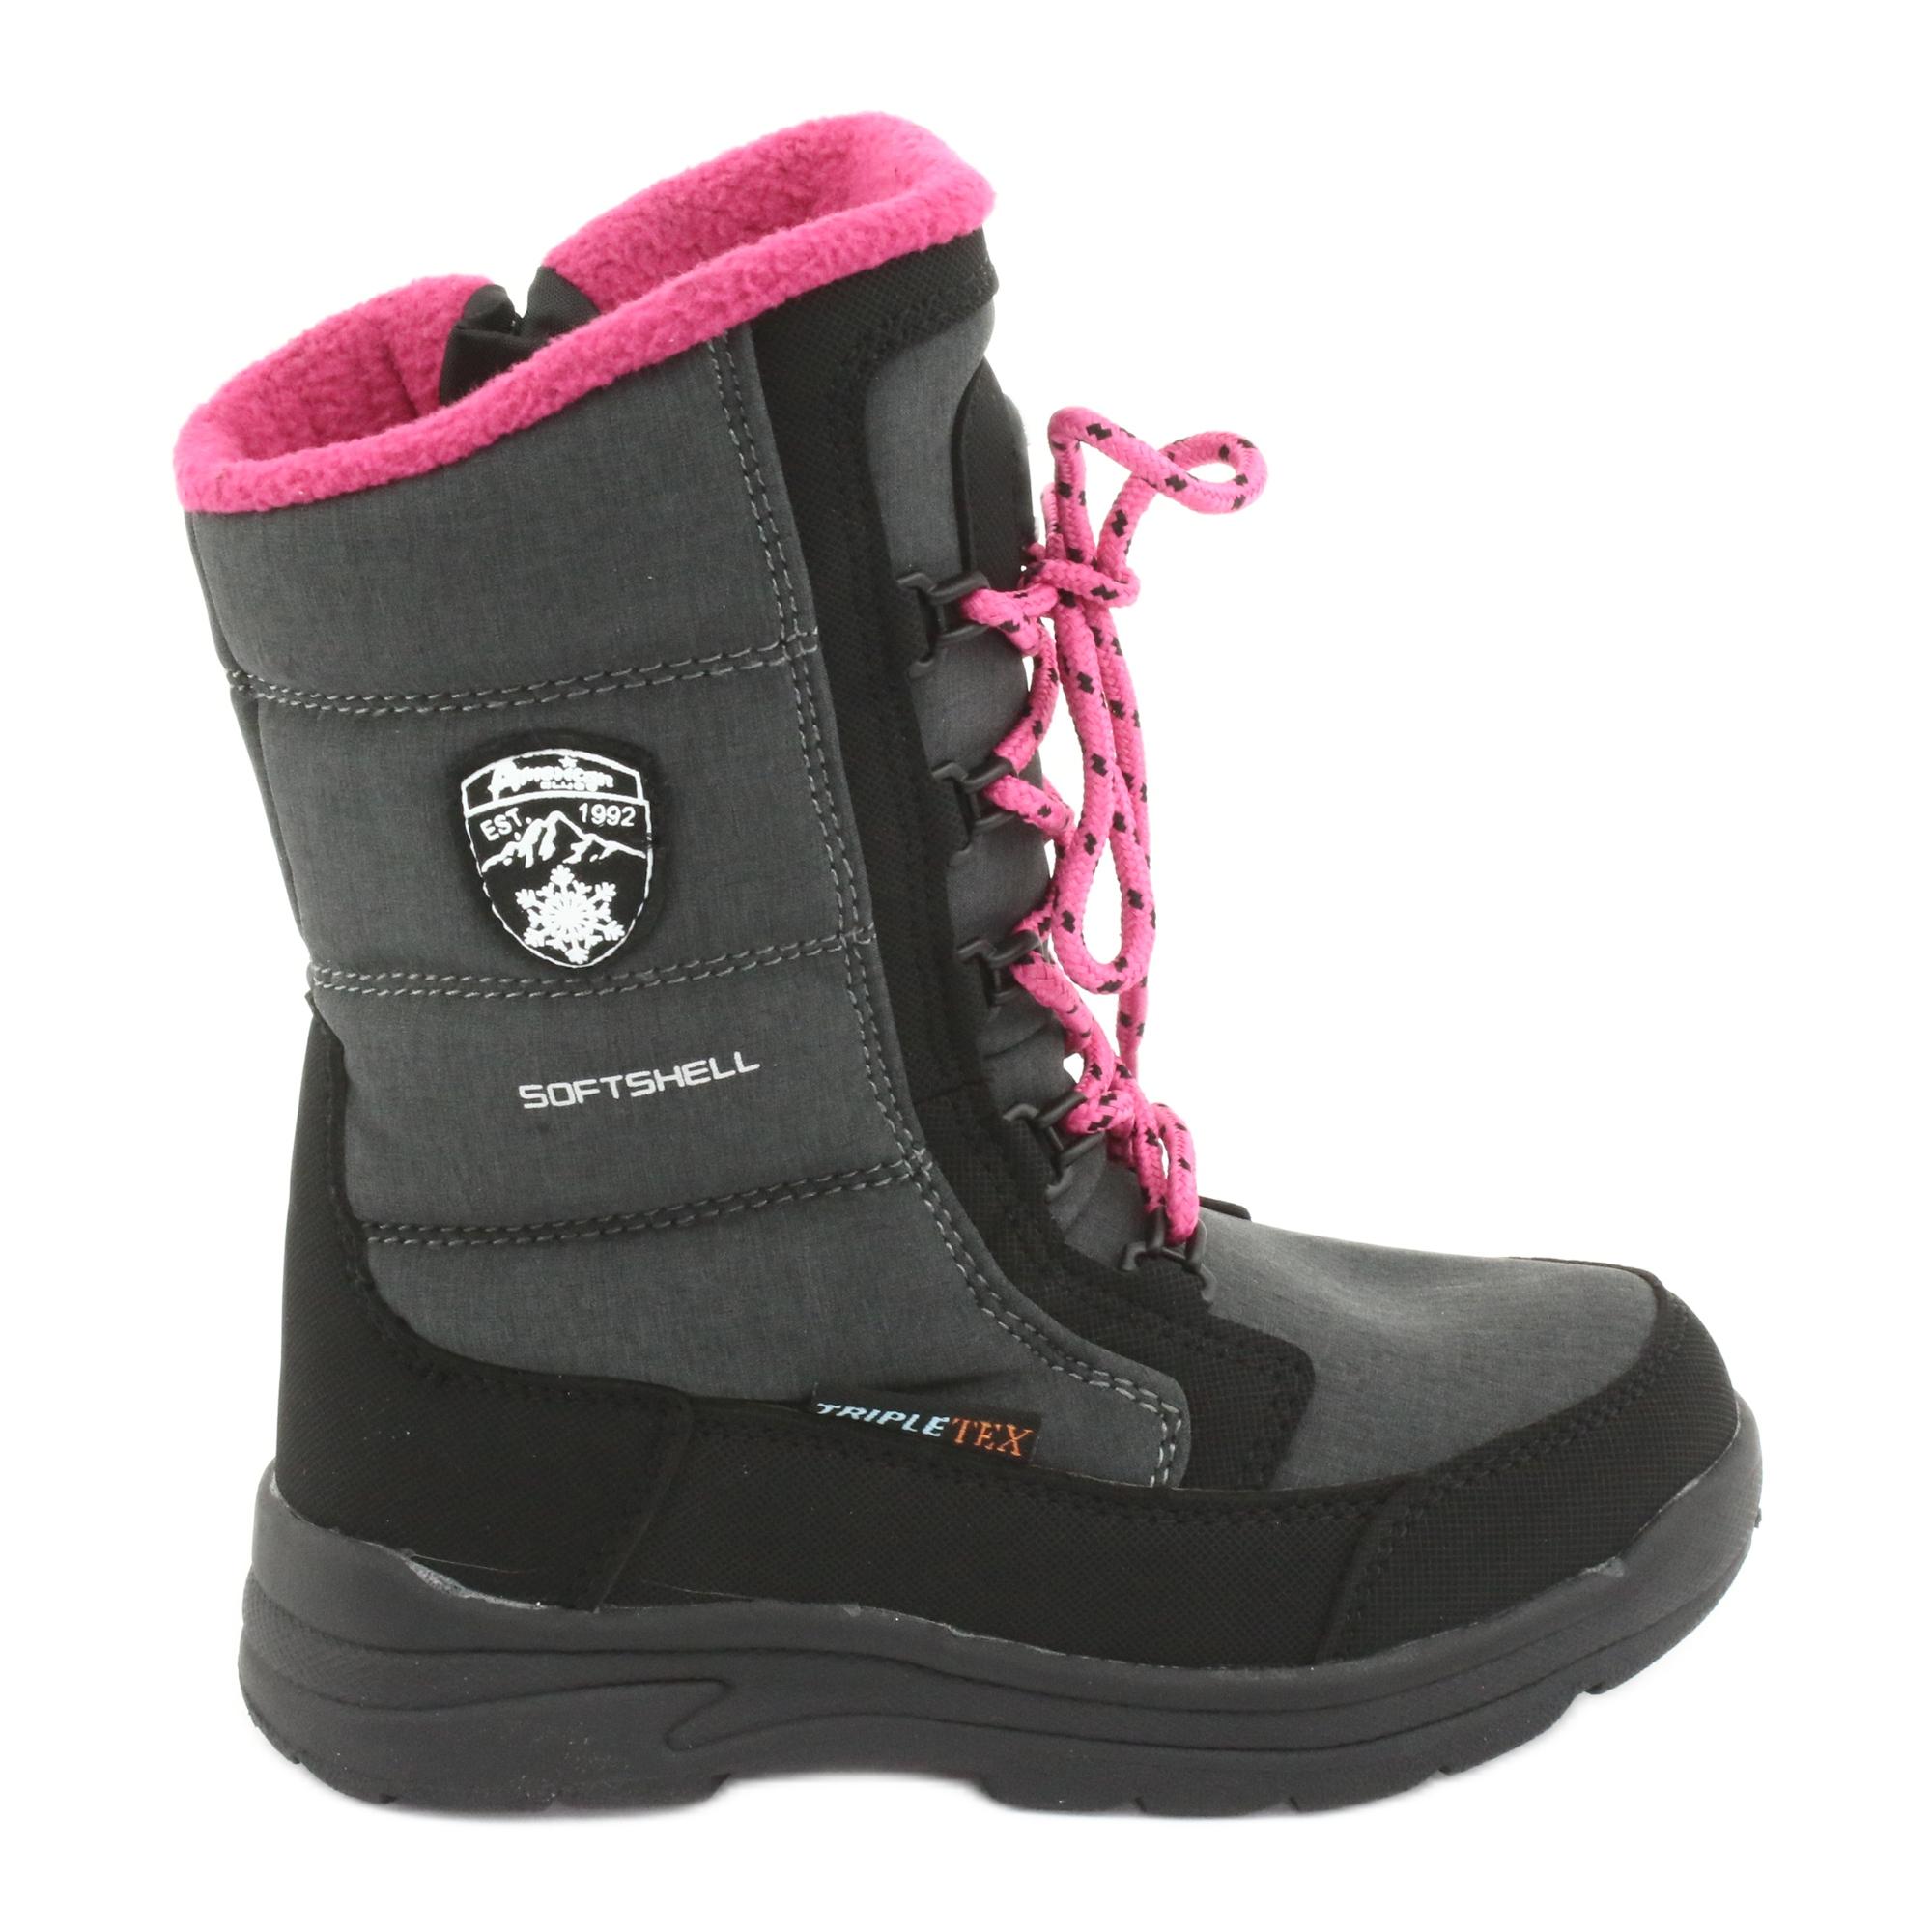 Stivali da neve con membrana American club SN13 grigia nero rosa grigio